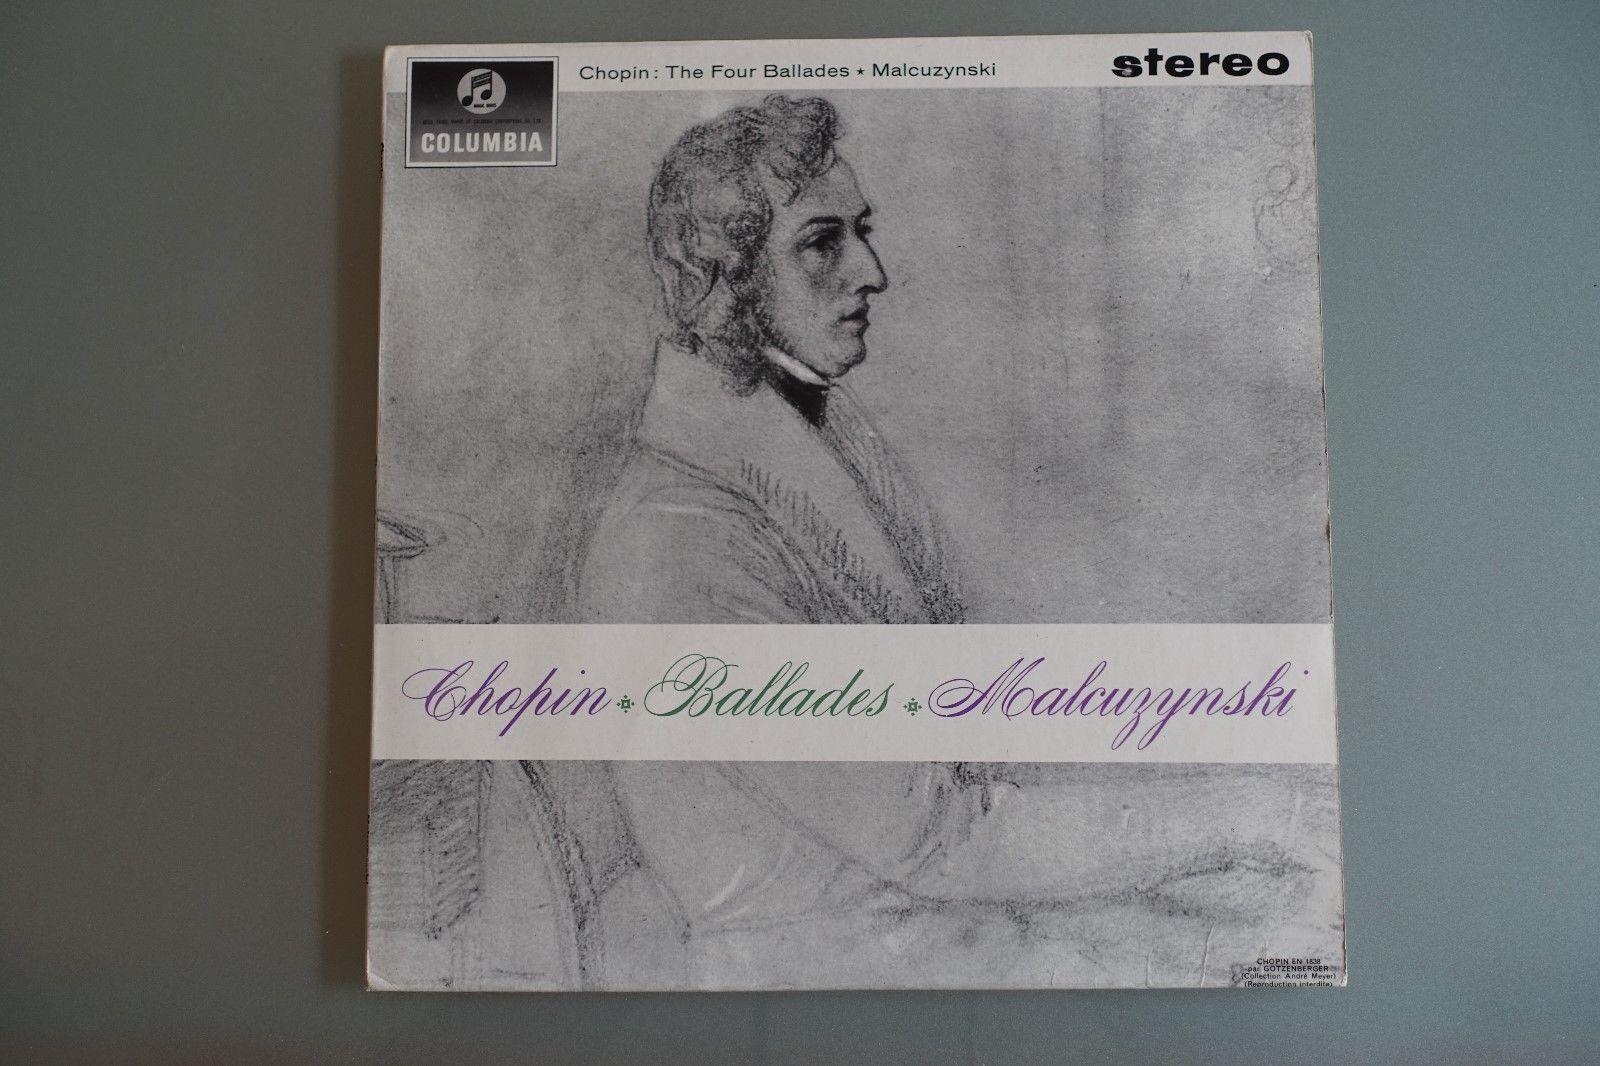 RARE SAX 2509 CHOPIN BALLADES MALCUZYNSKI  N.MINT  The Four Ballades  Columbia